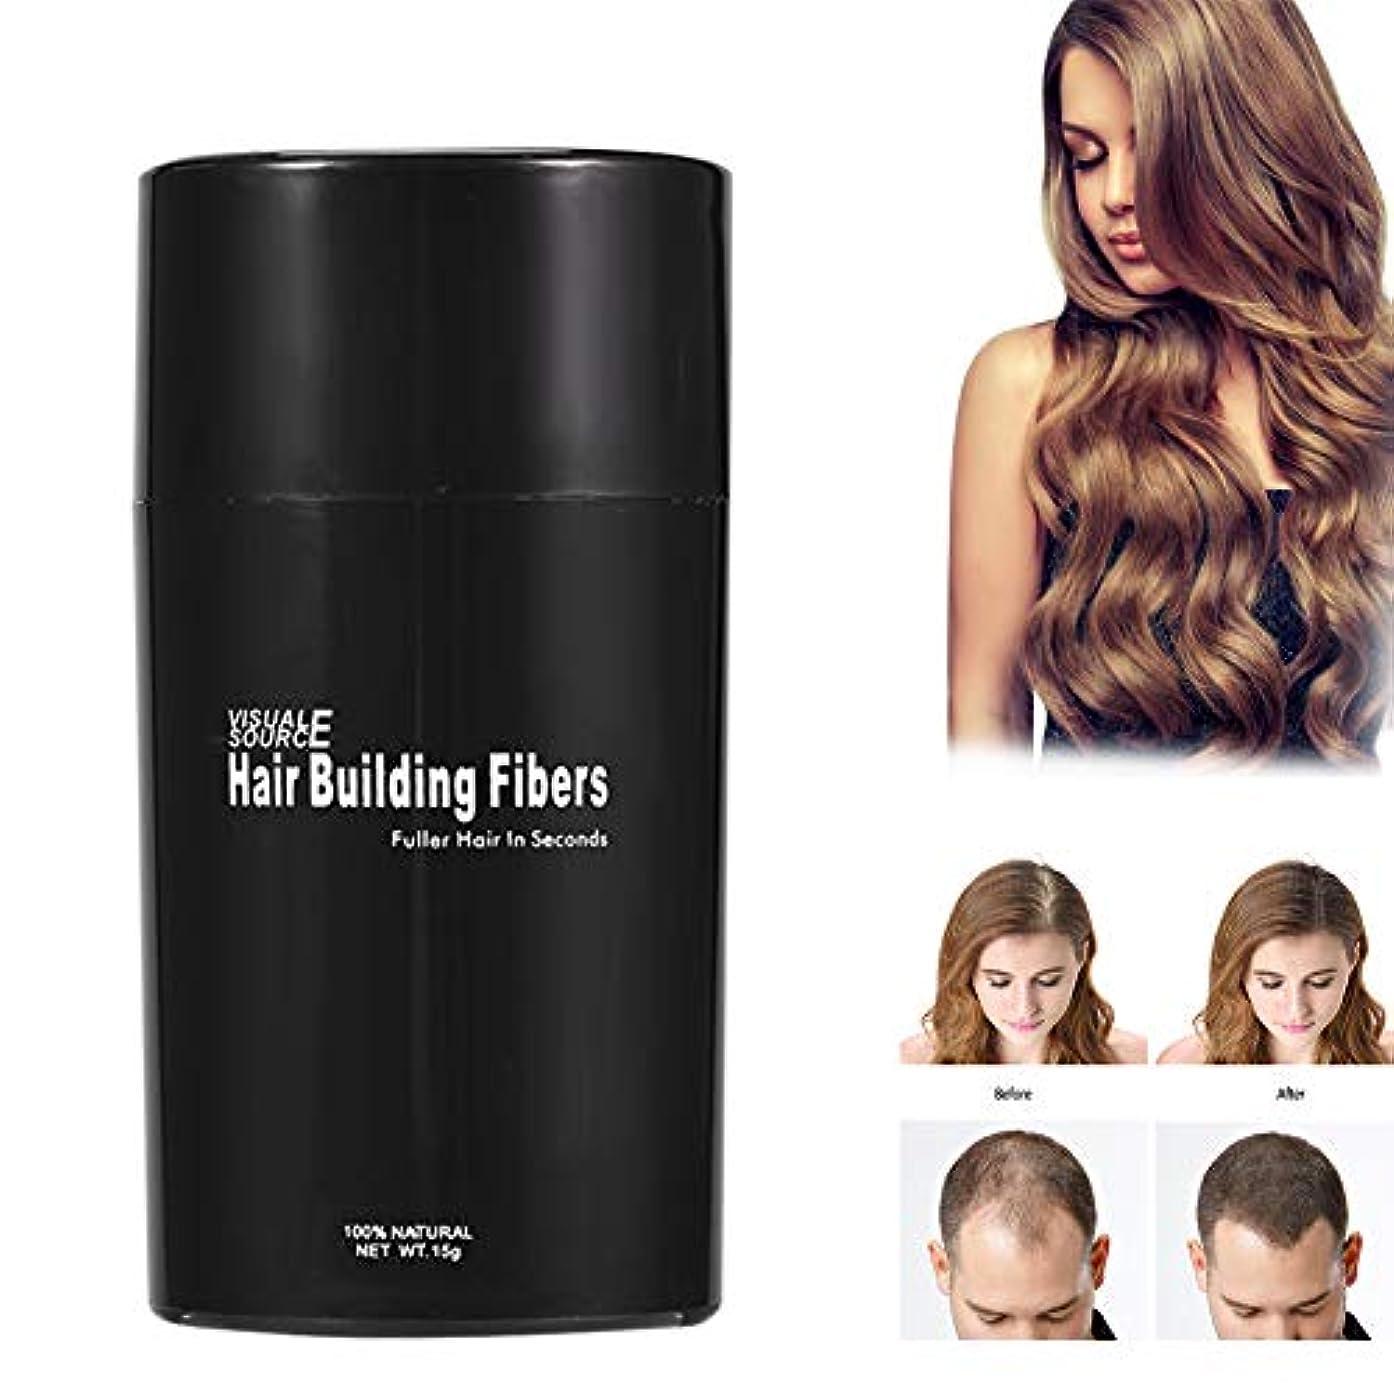 ヘアービルディングファイバー、4色ヘアービルディングファイバーヘアー増粘剤脱毛ソリューションコンシーラーフラーとより濃い髪(ミディアムブラウン)